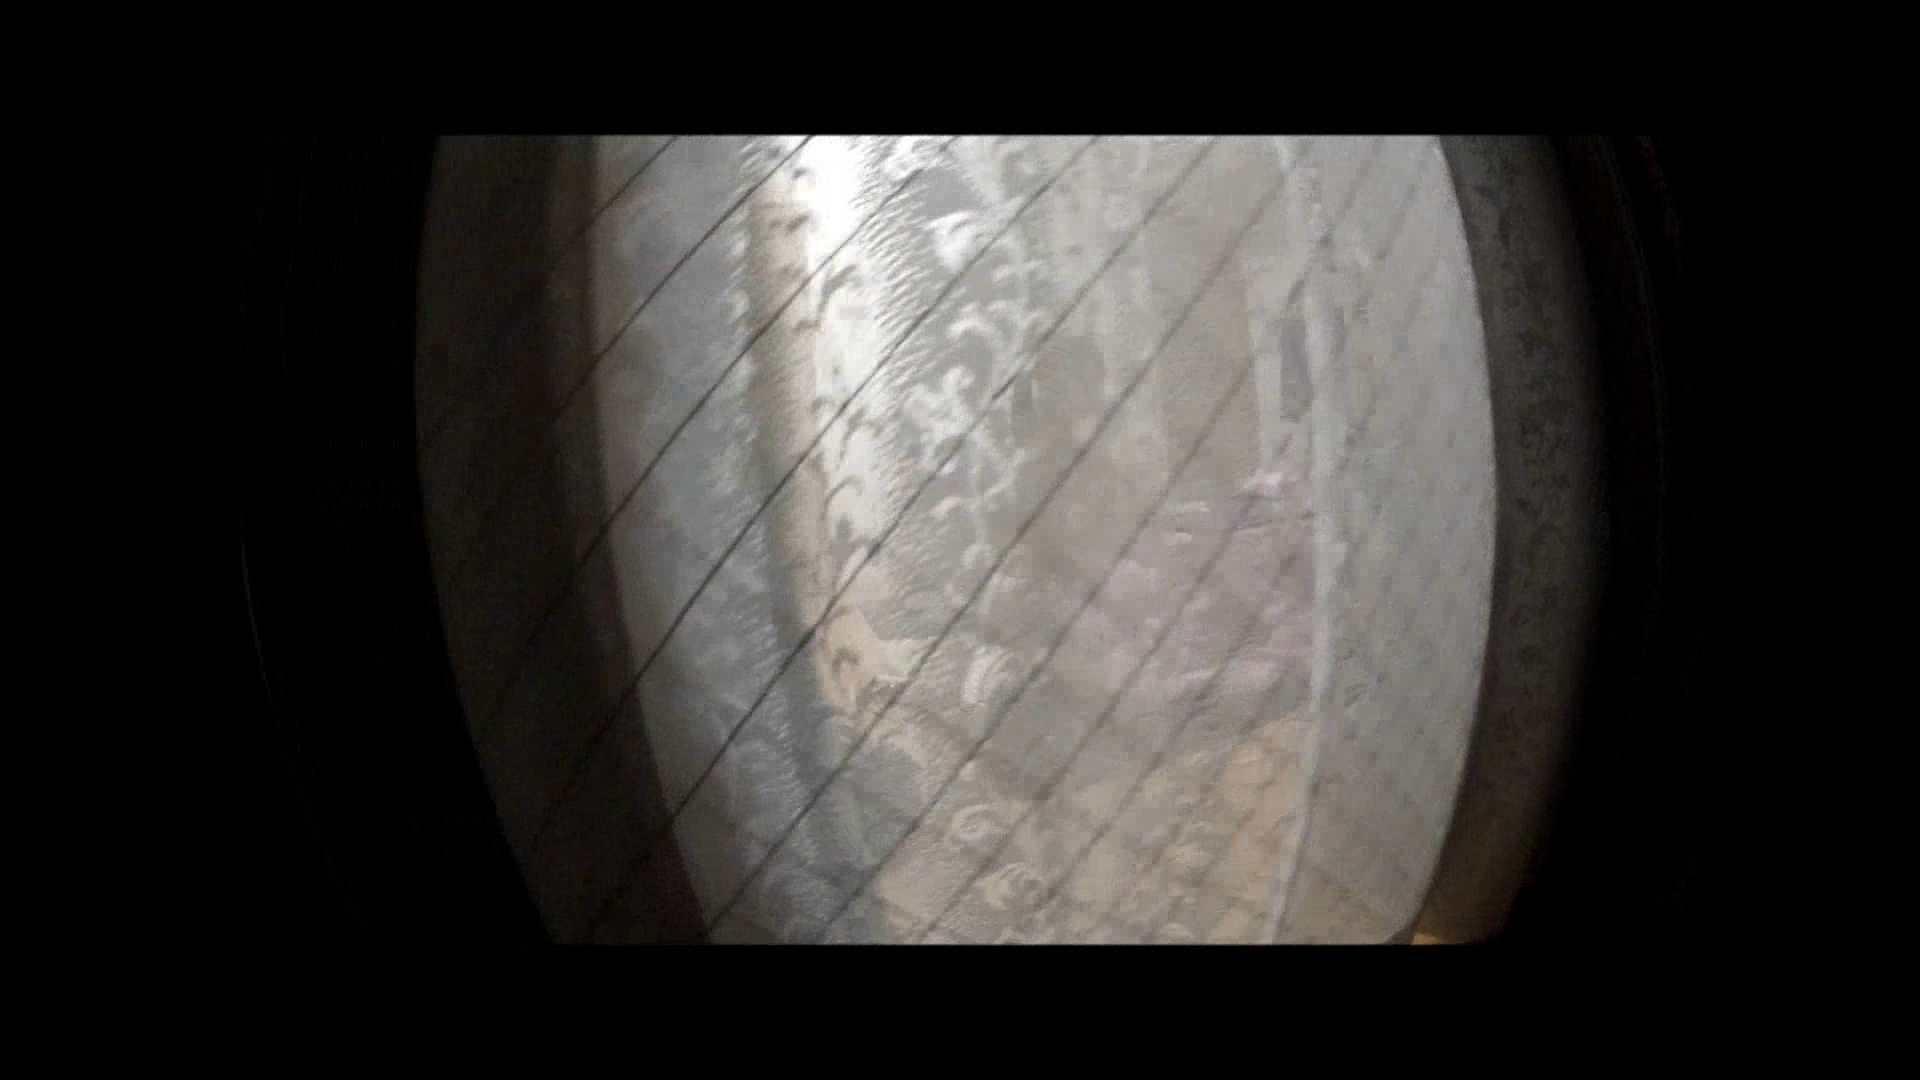 【04】別の日・・・魚眼レンズで広角に撮れました。 マンコ満開 えろ無修正画像 80PIX 30